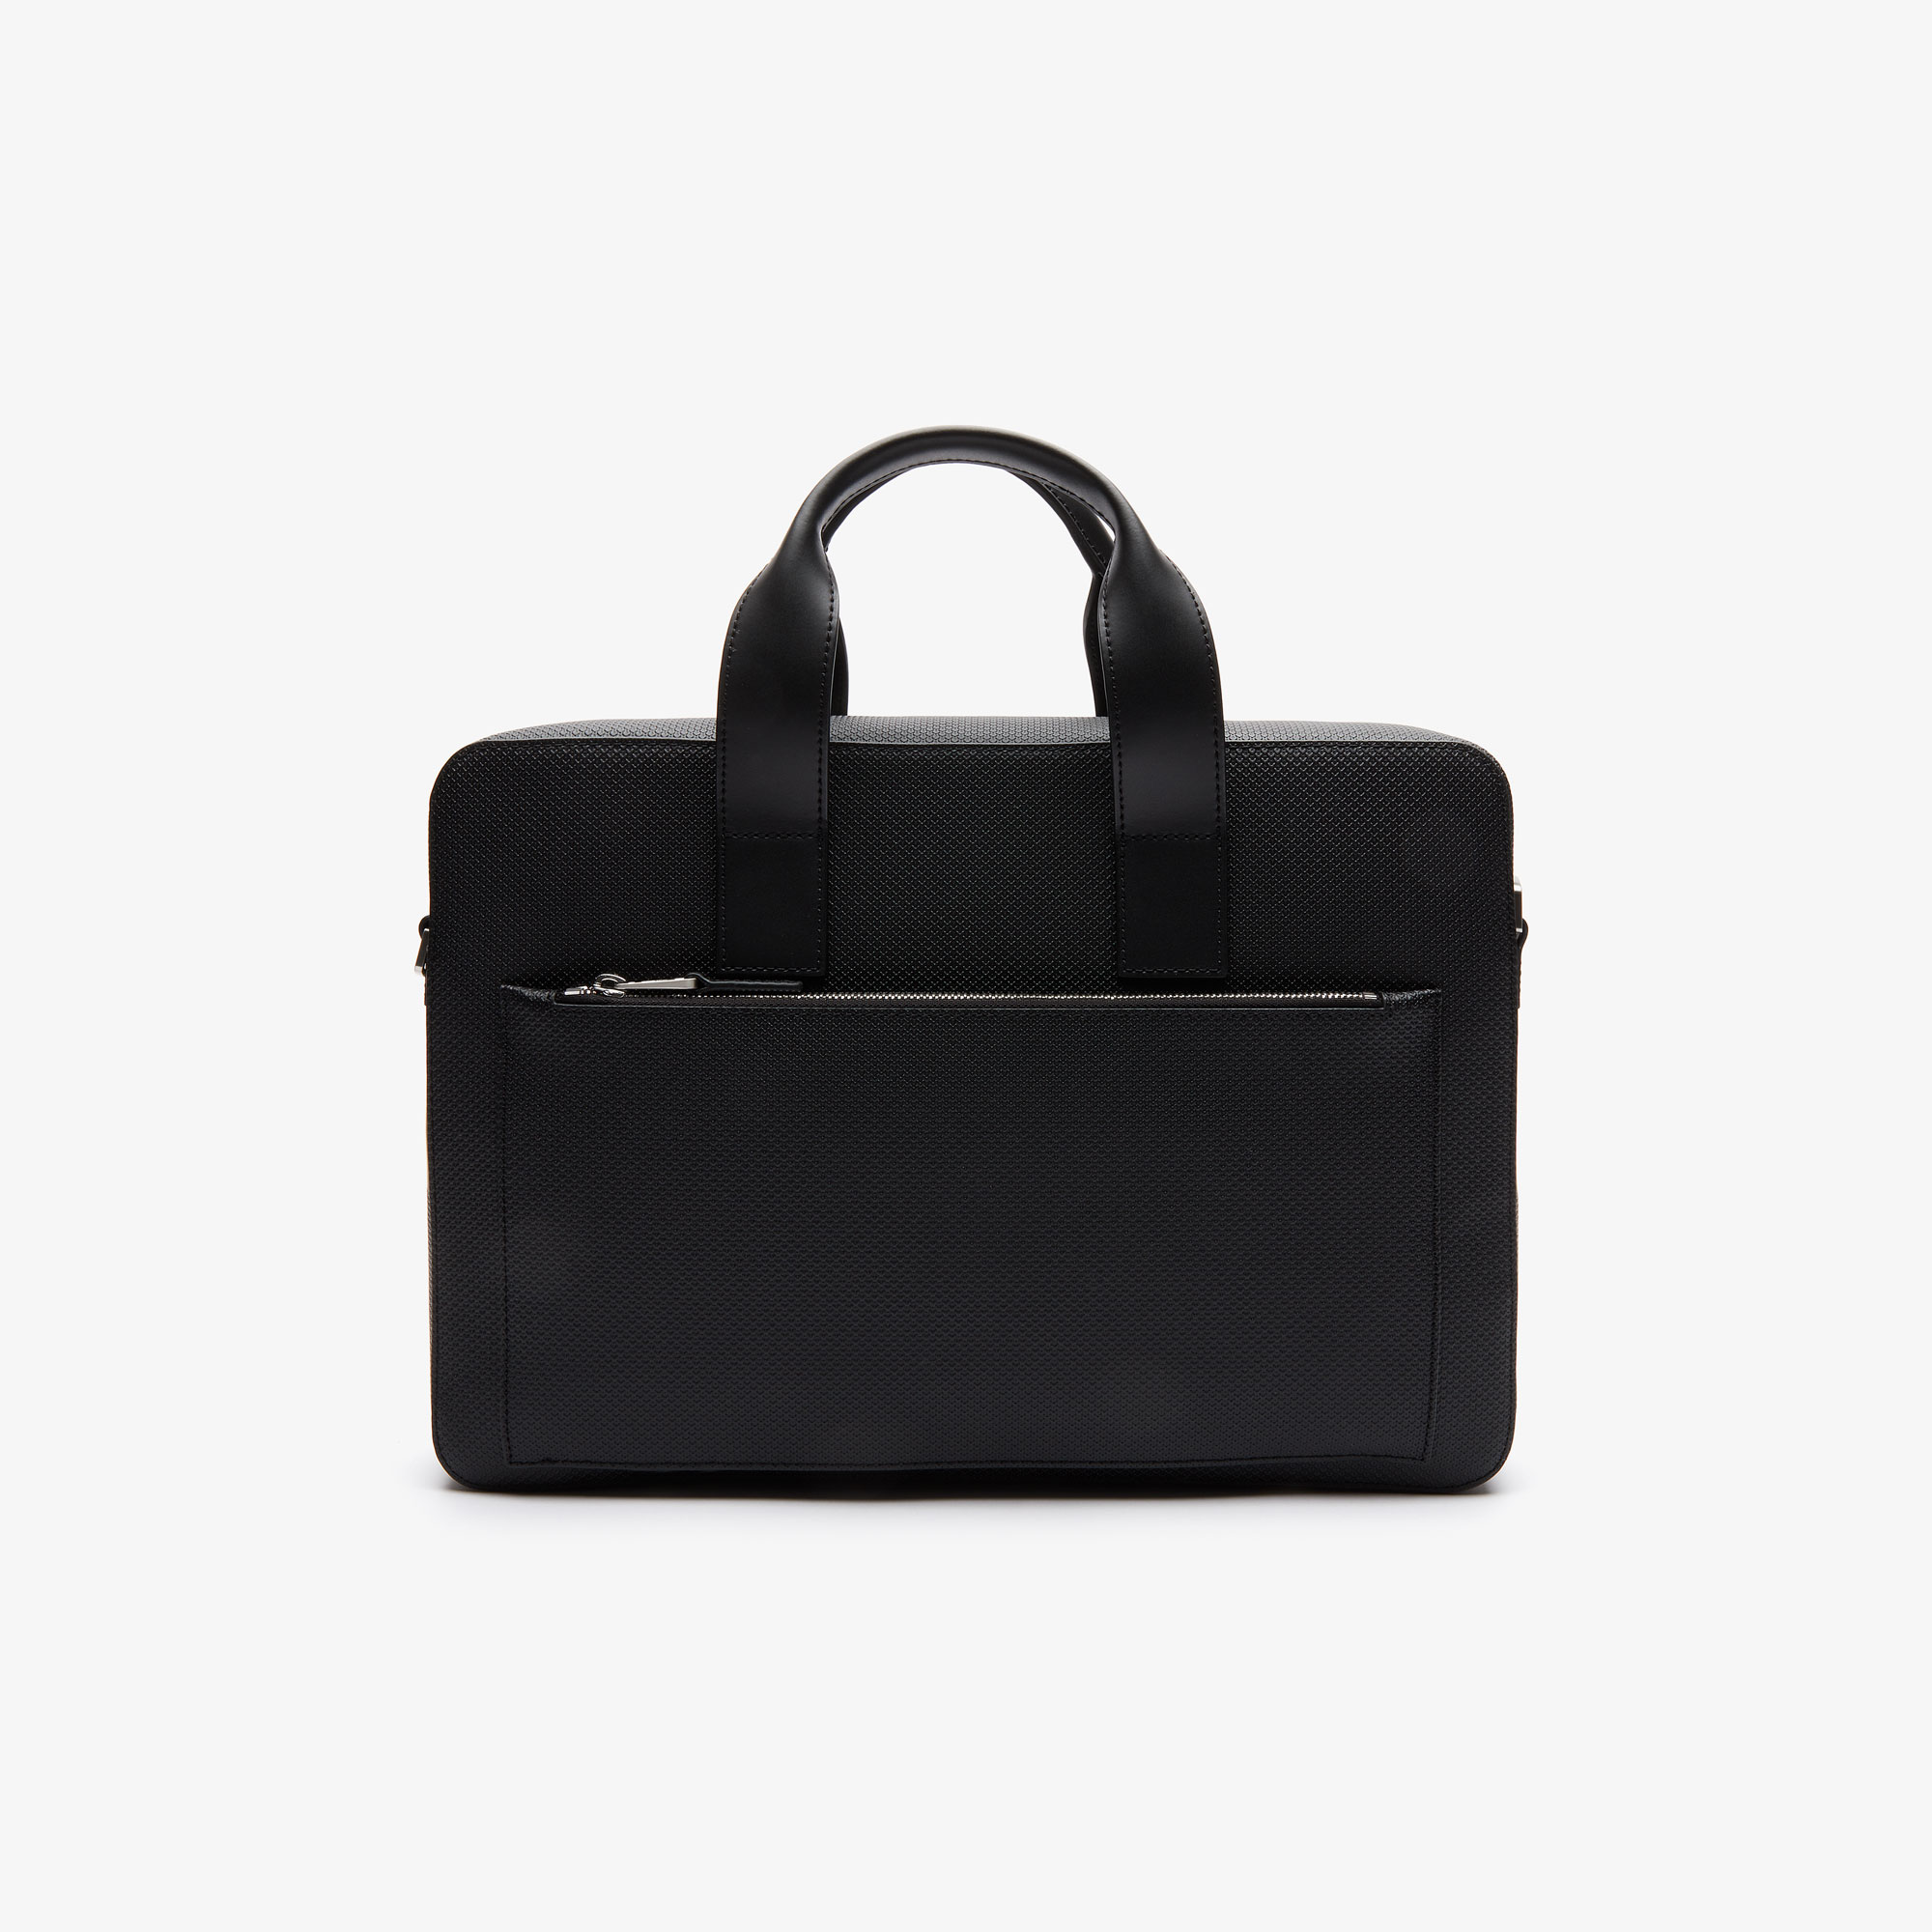 Lacoste Men's Chantaco Matte Piqué Leather Computer Bag